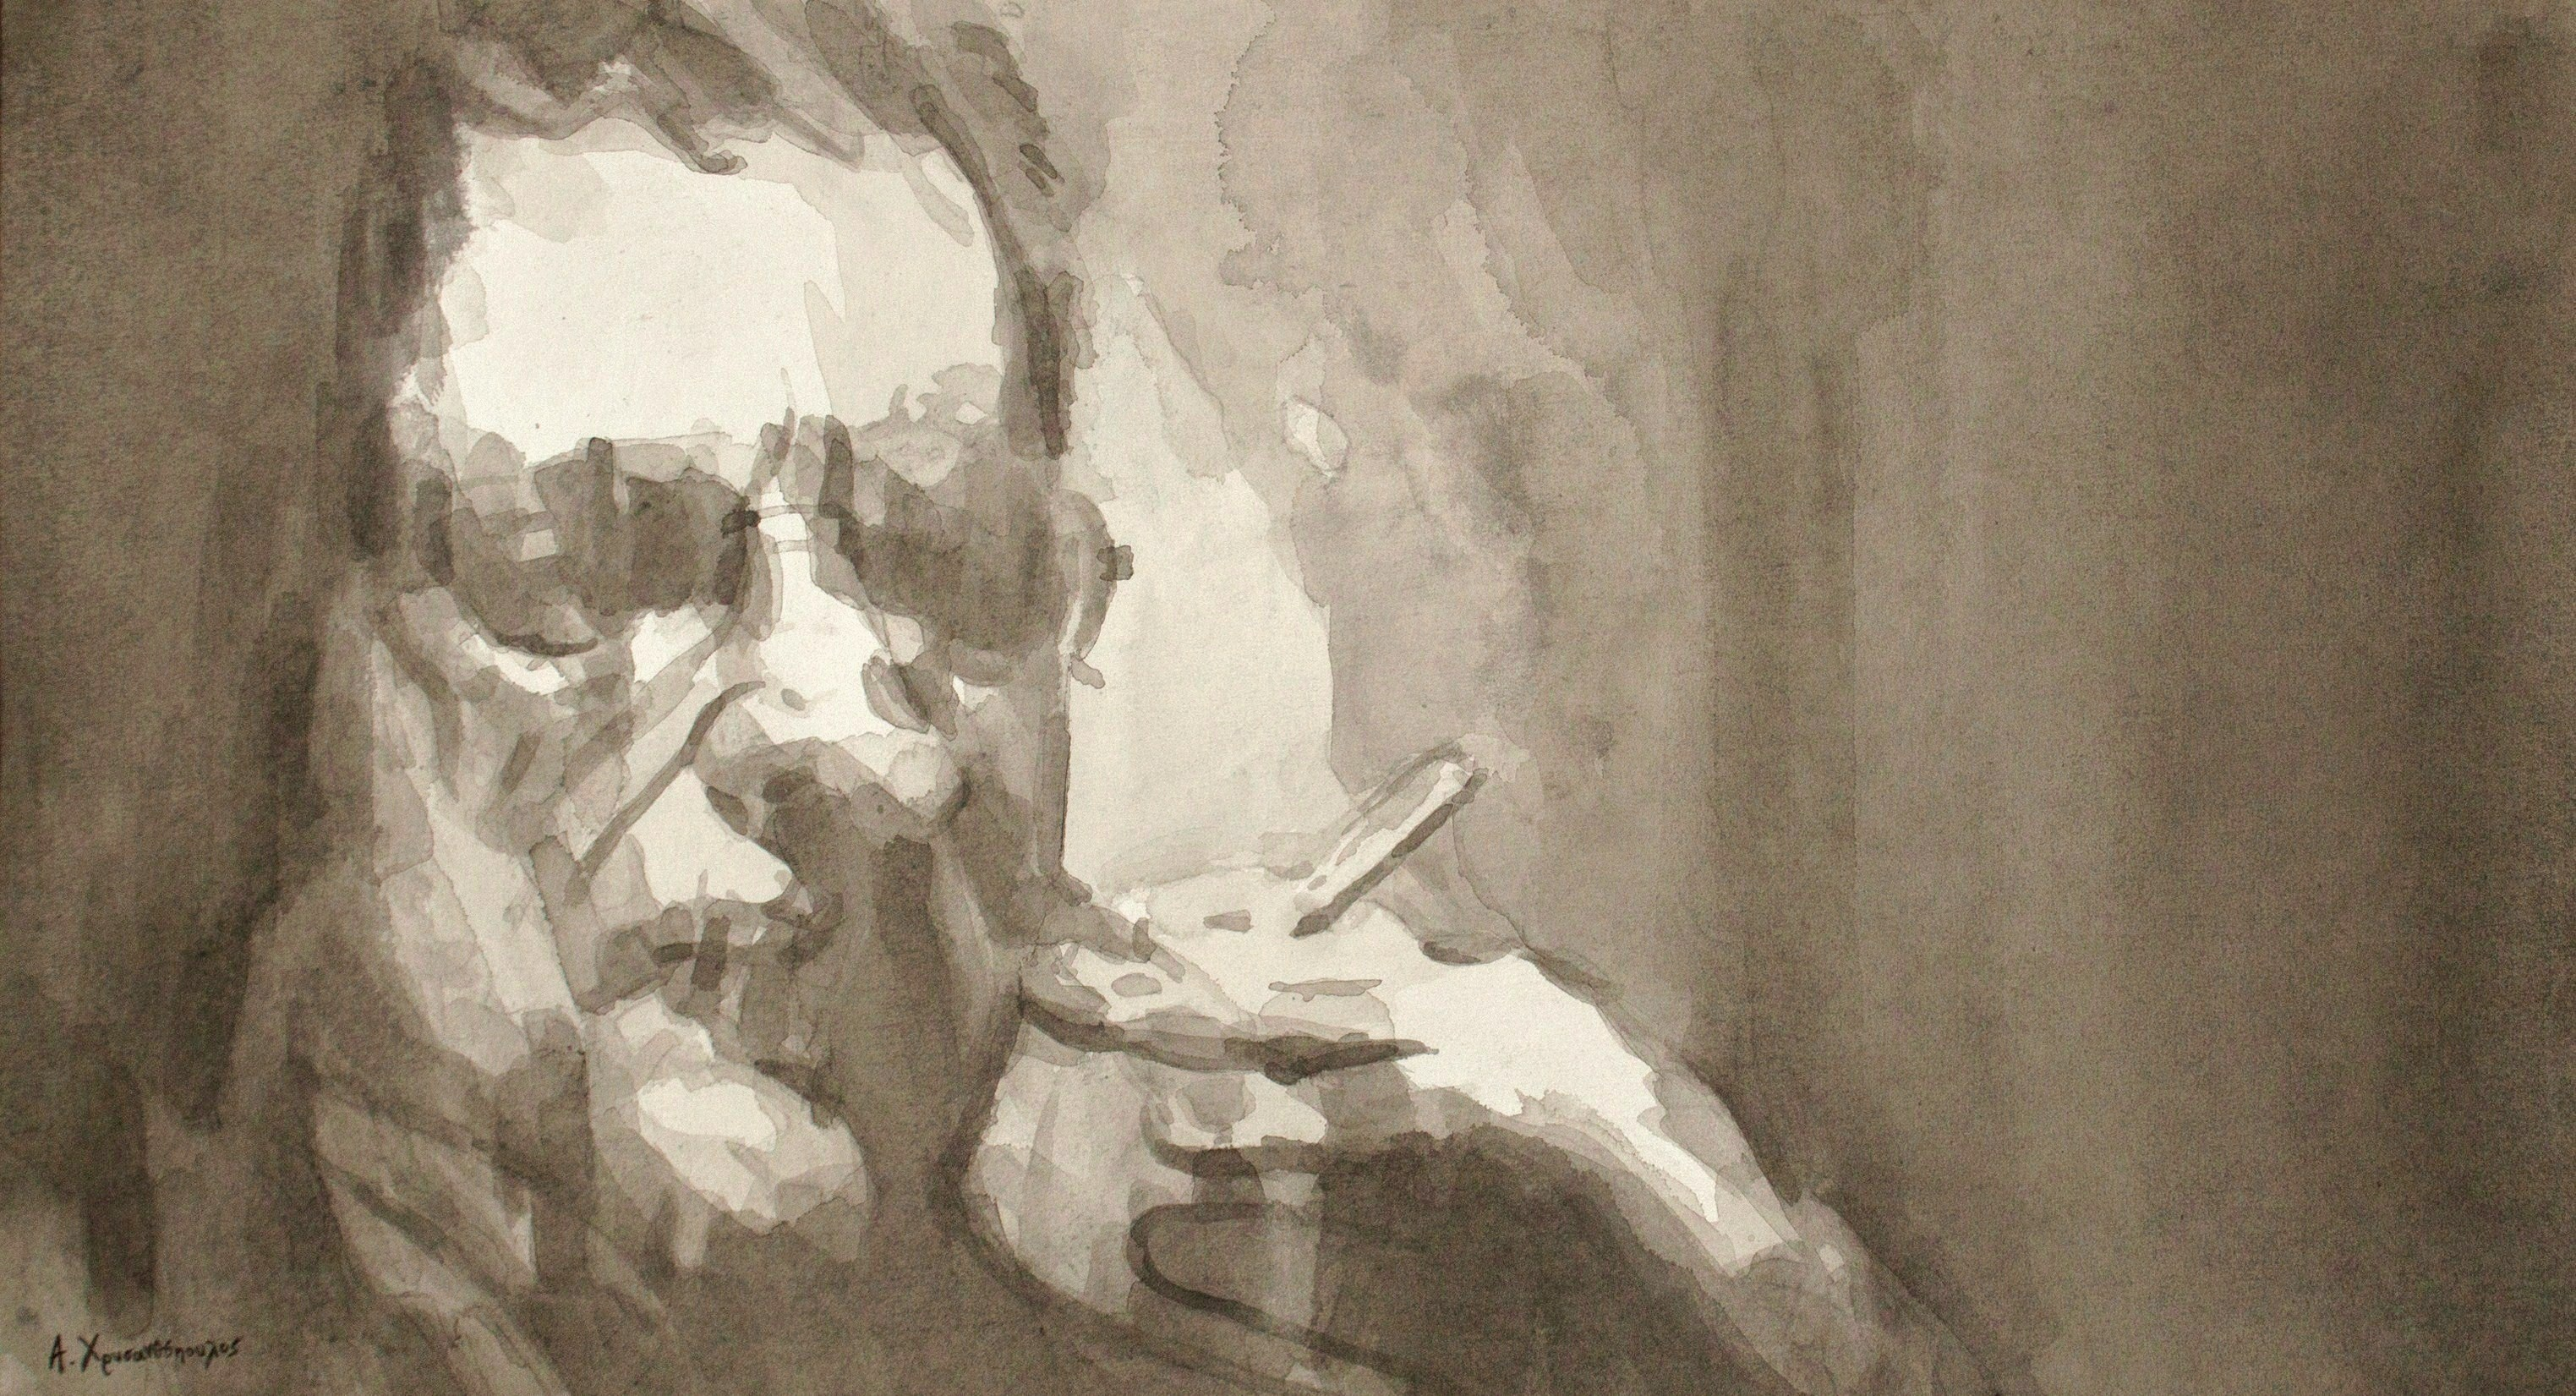 Ένα τσιγάρο μνήμες,33Χ65, Σινική μελάνη